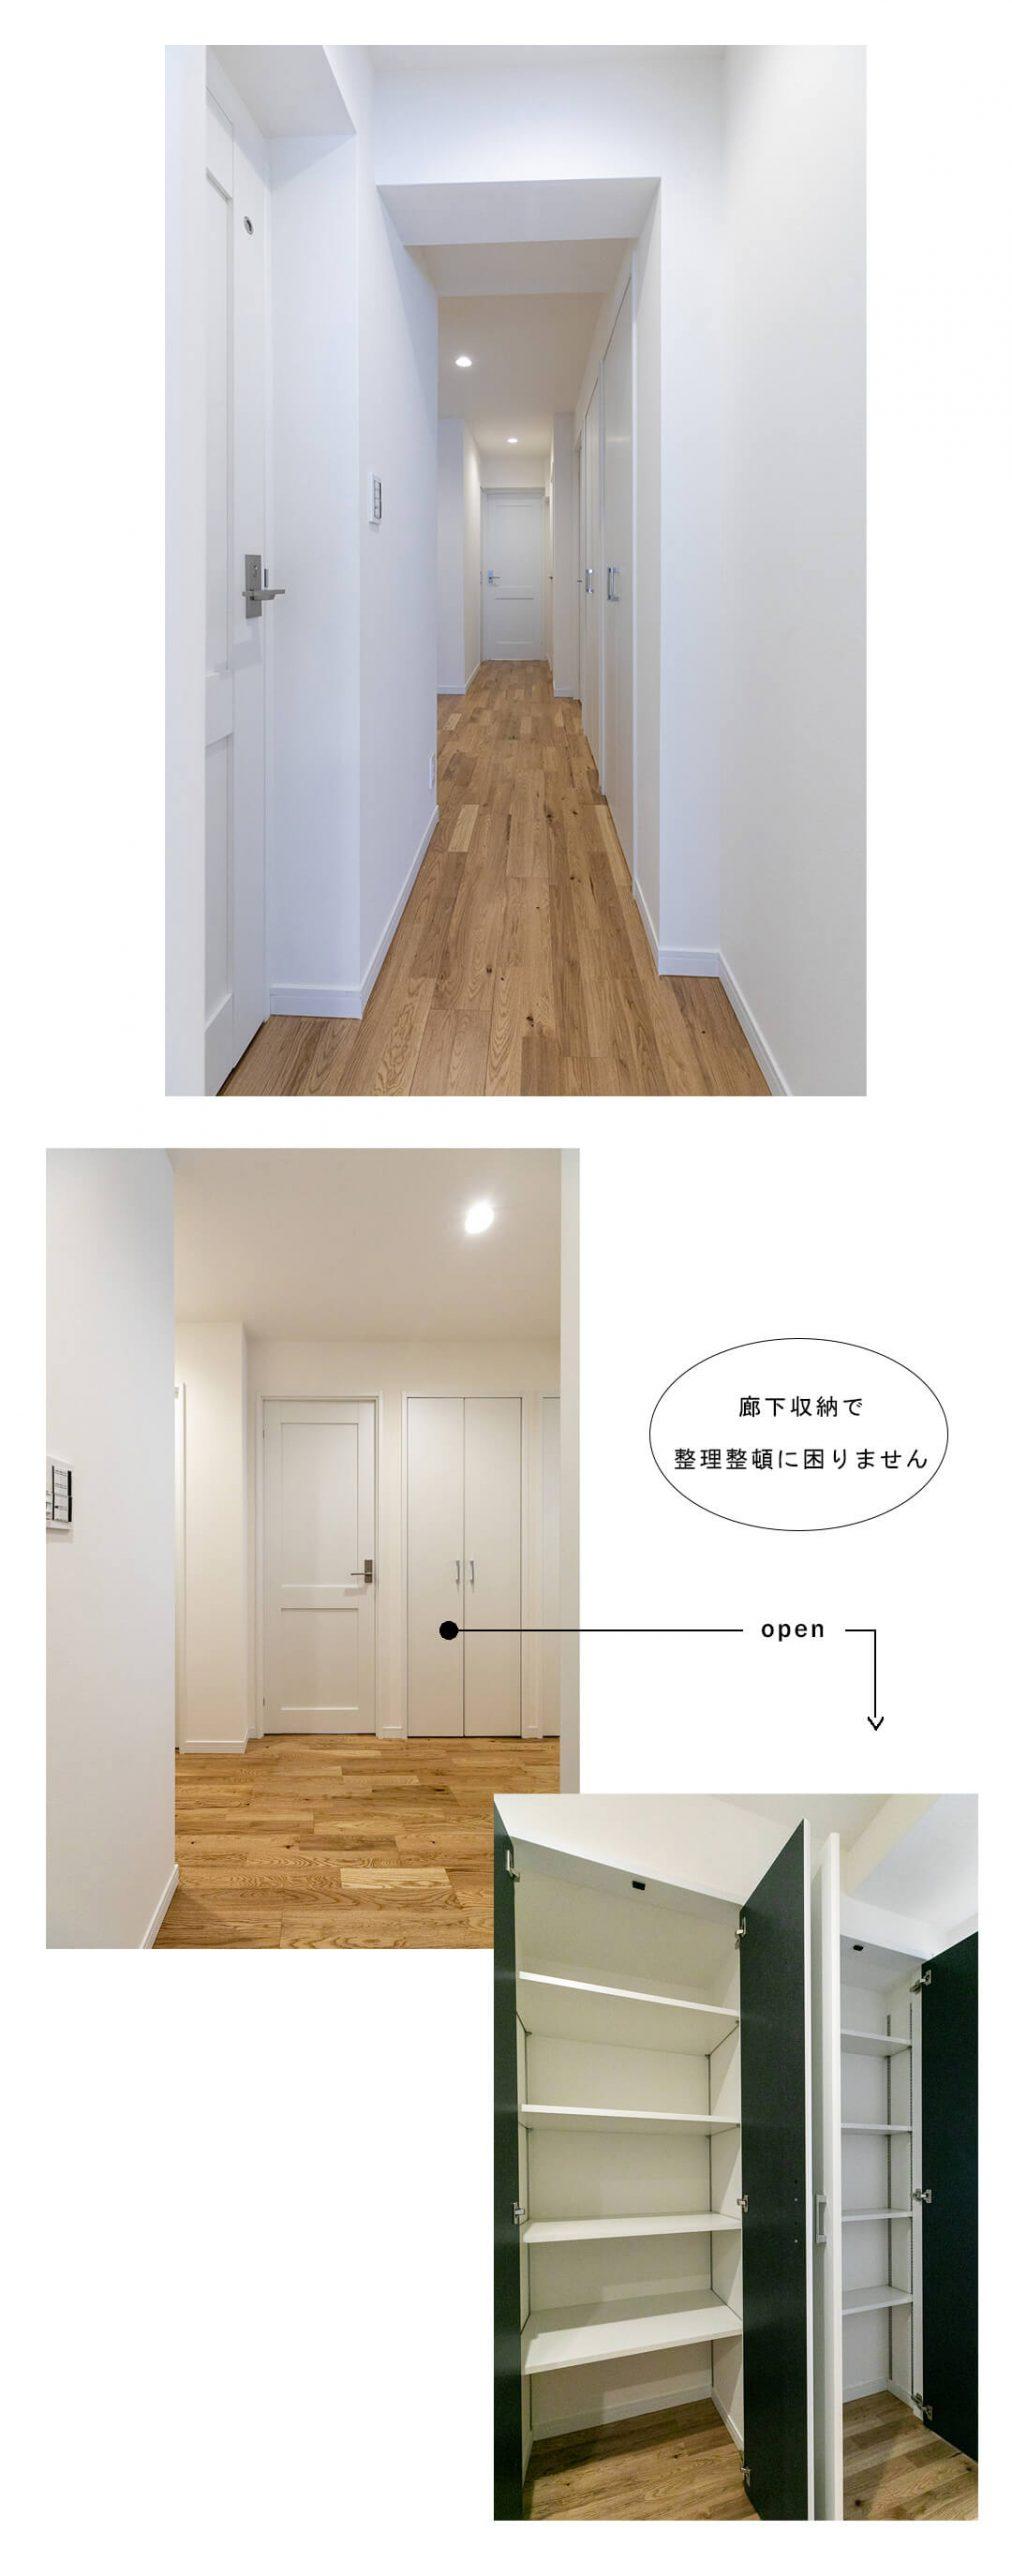 バームハイツ菊名参番館壱の廊下